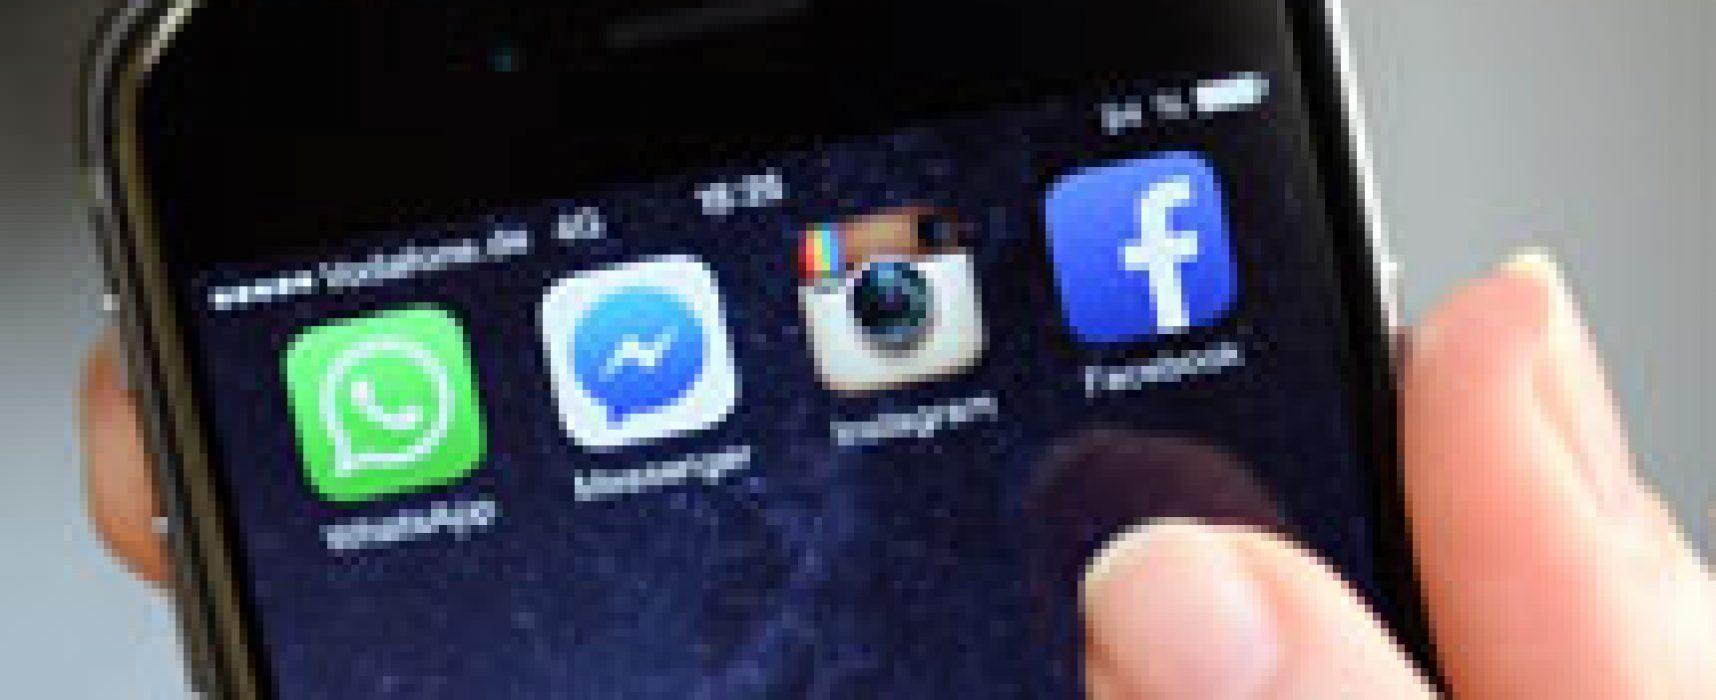 Роскомнадзор и МВД разработали новый законопроект о госрегулировании мессенджеров